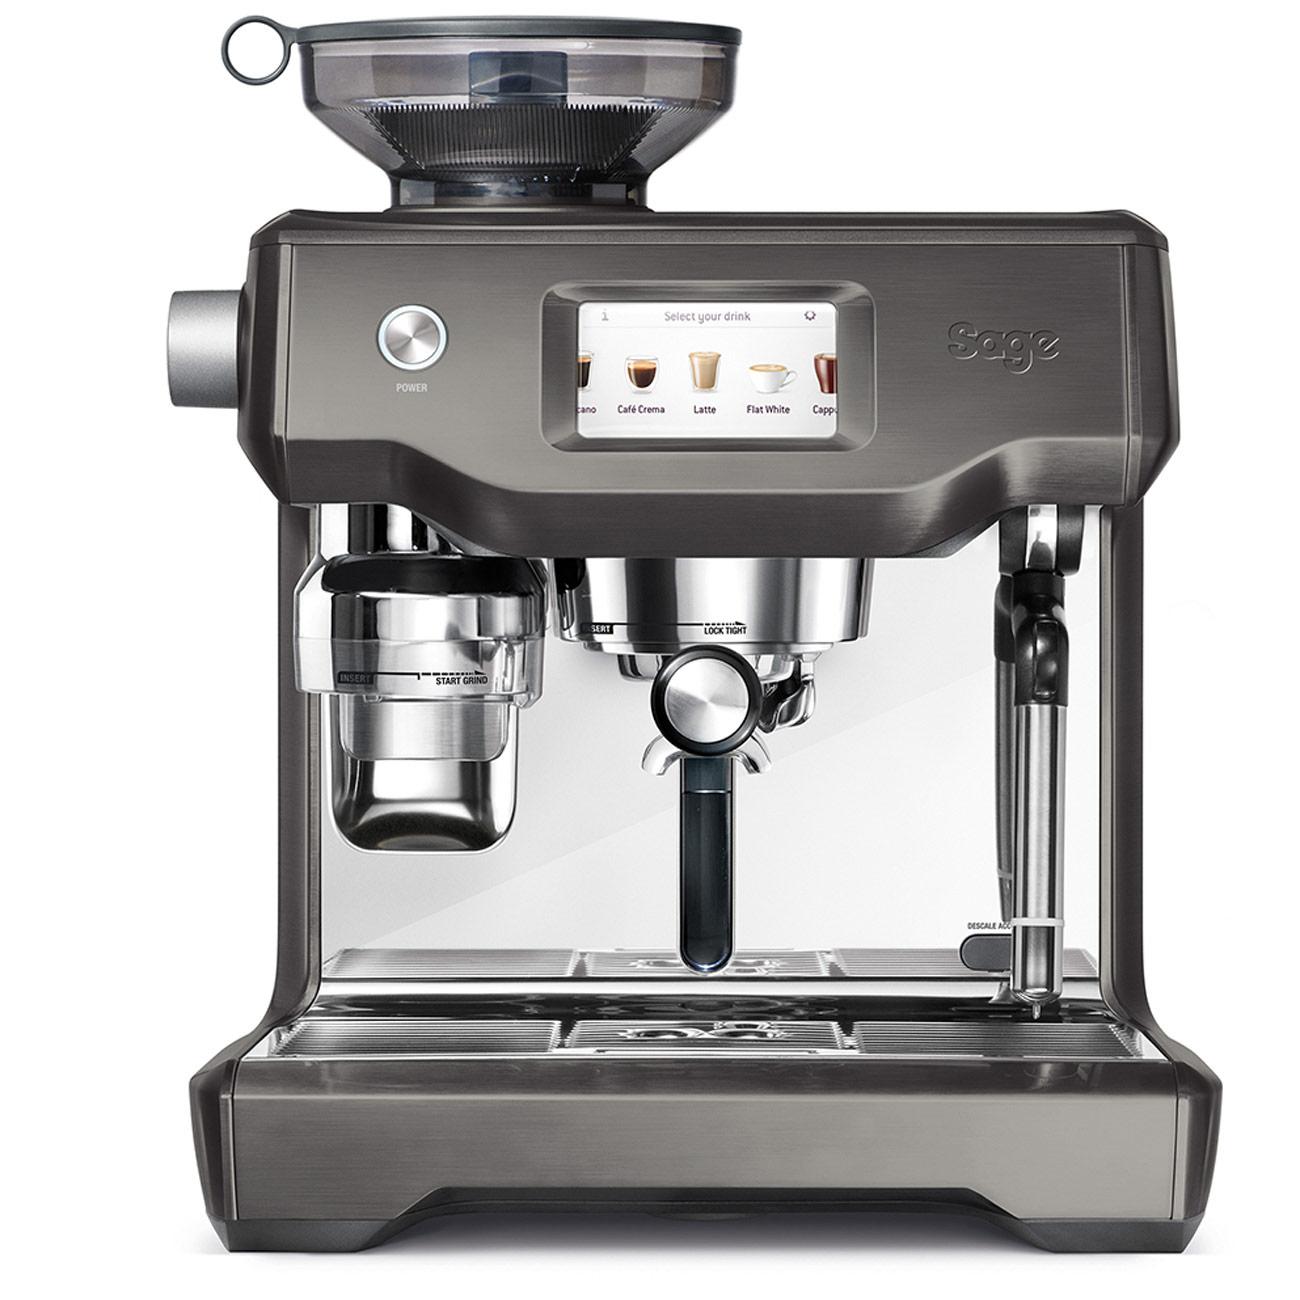 högkvalitativ och bra espressomaskin